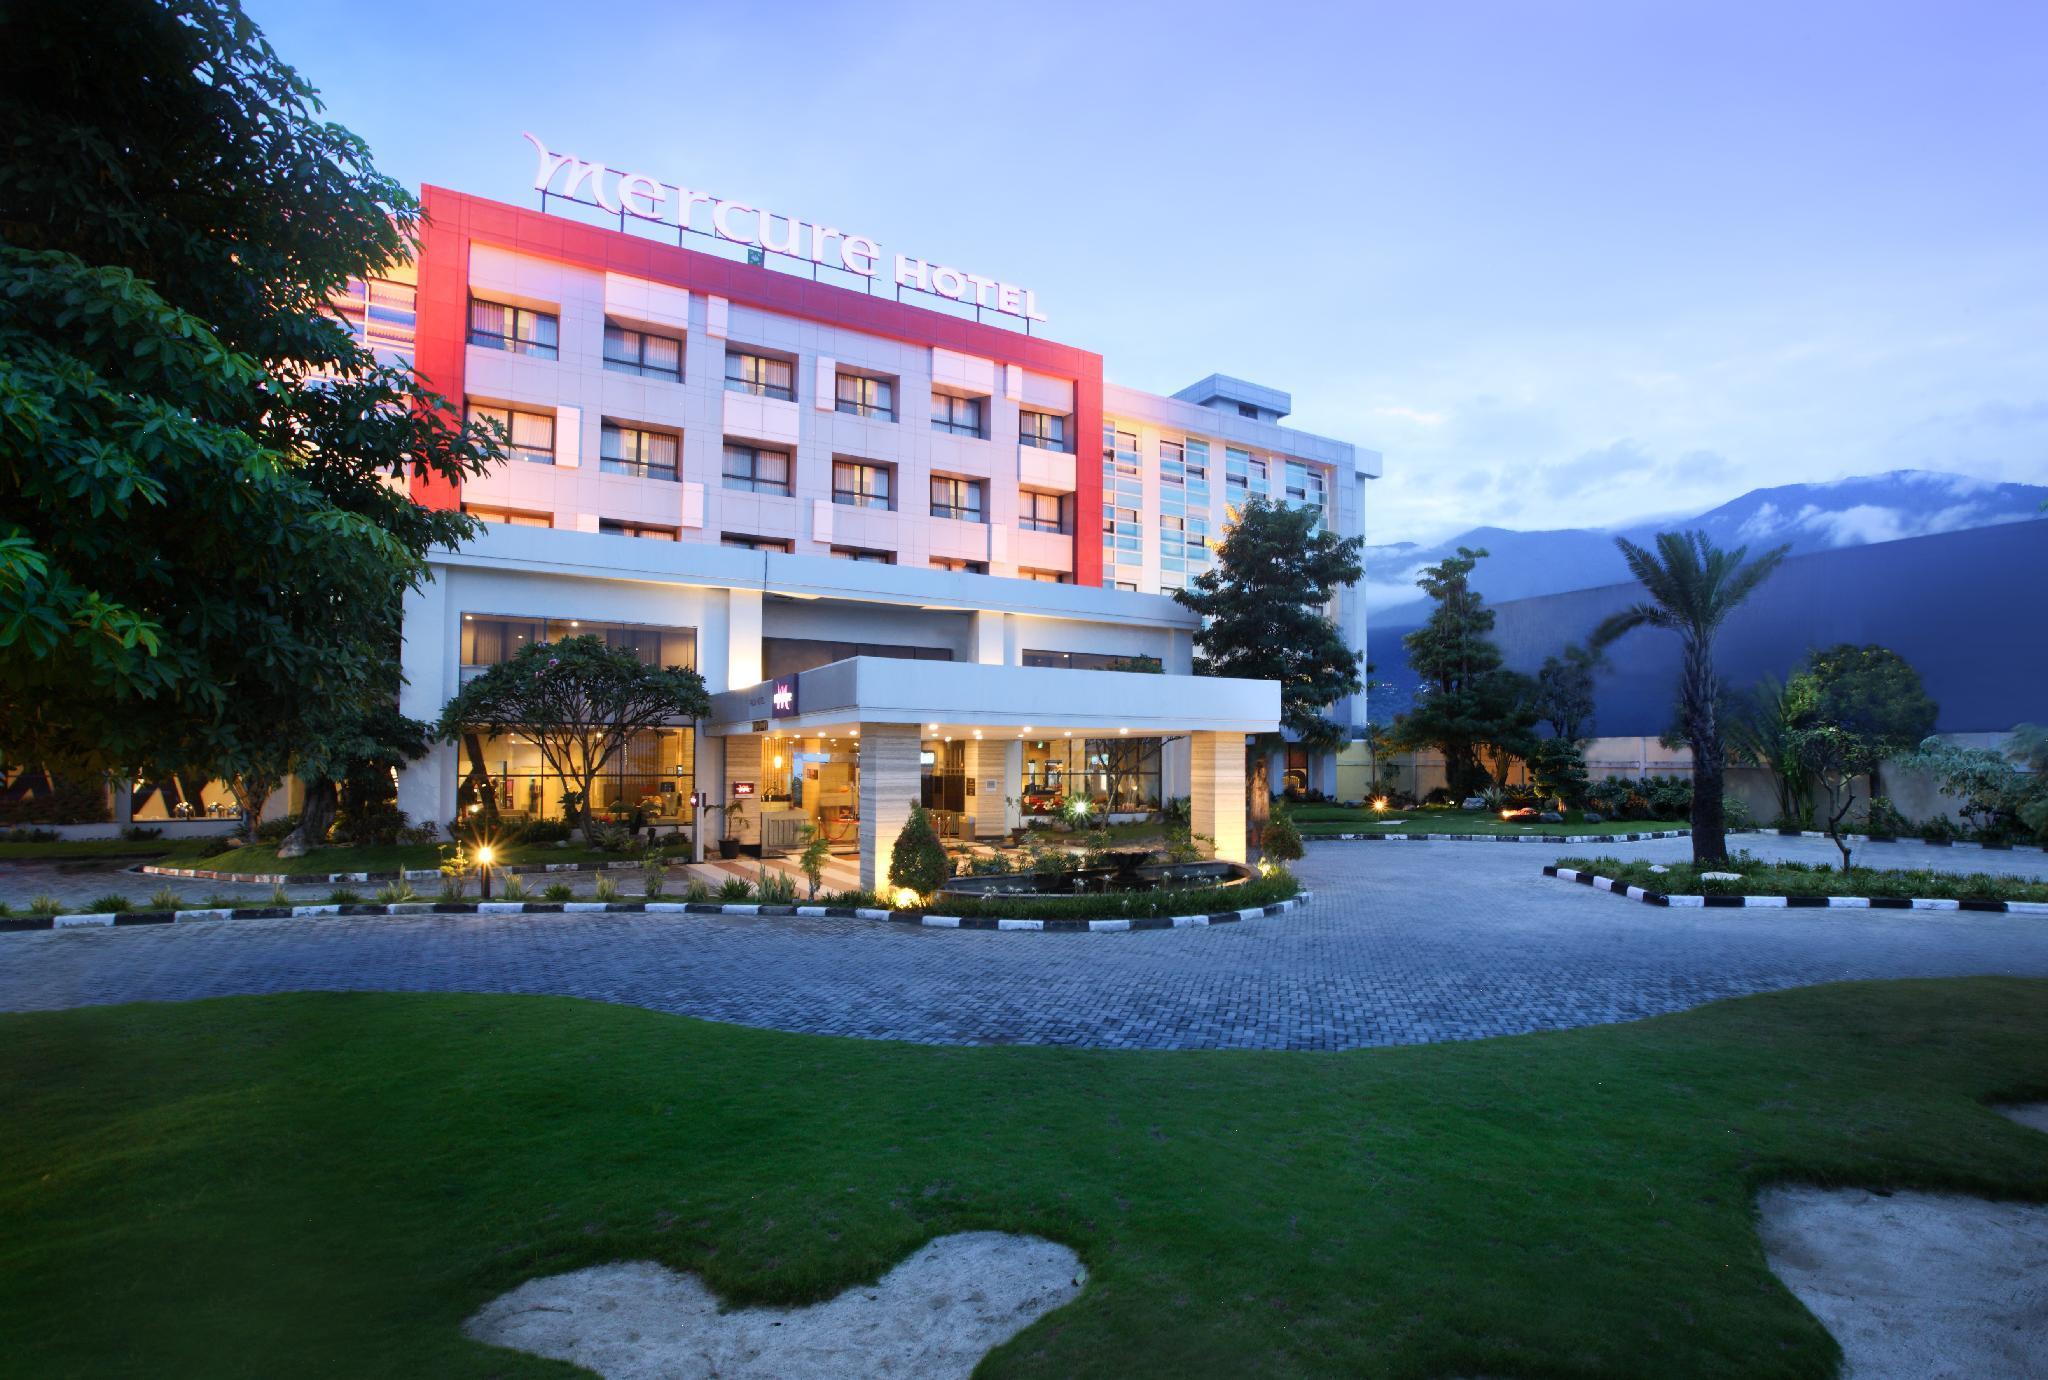 Mercure Palu Hotel